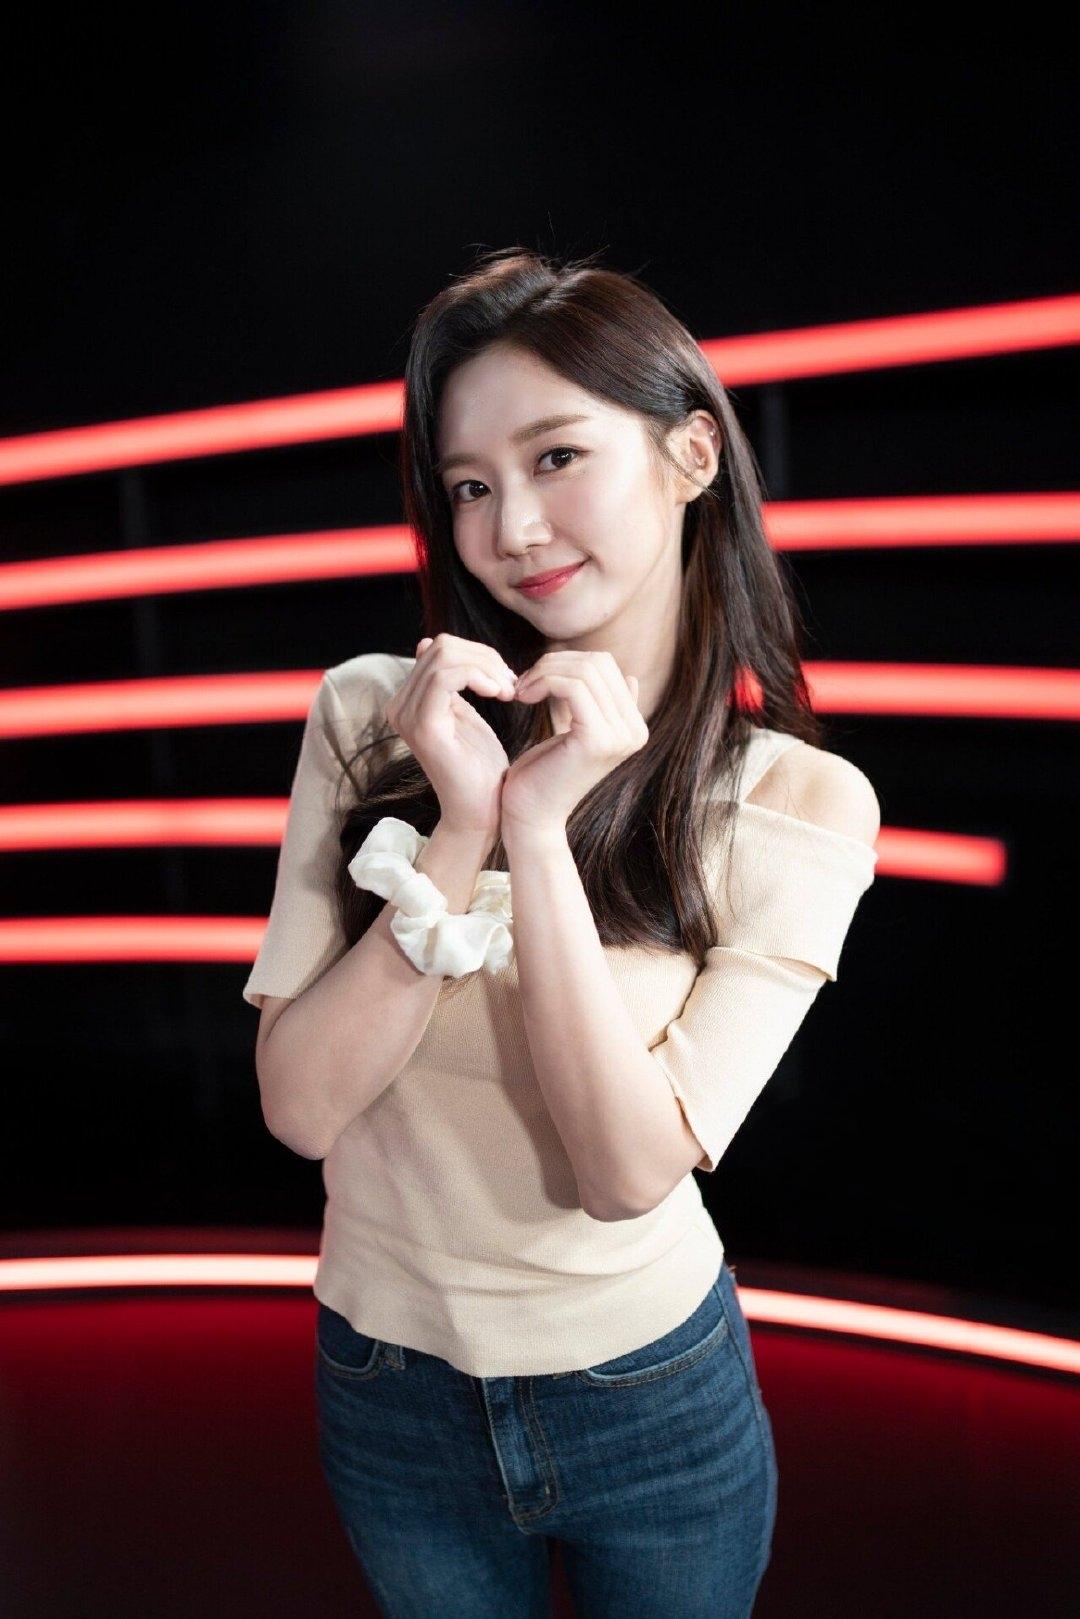 韩女主持因美貌走红,紧身衣秀身材小蛮腰抢镜,身段完美气质不俗